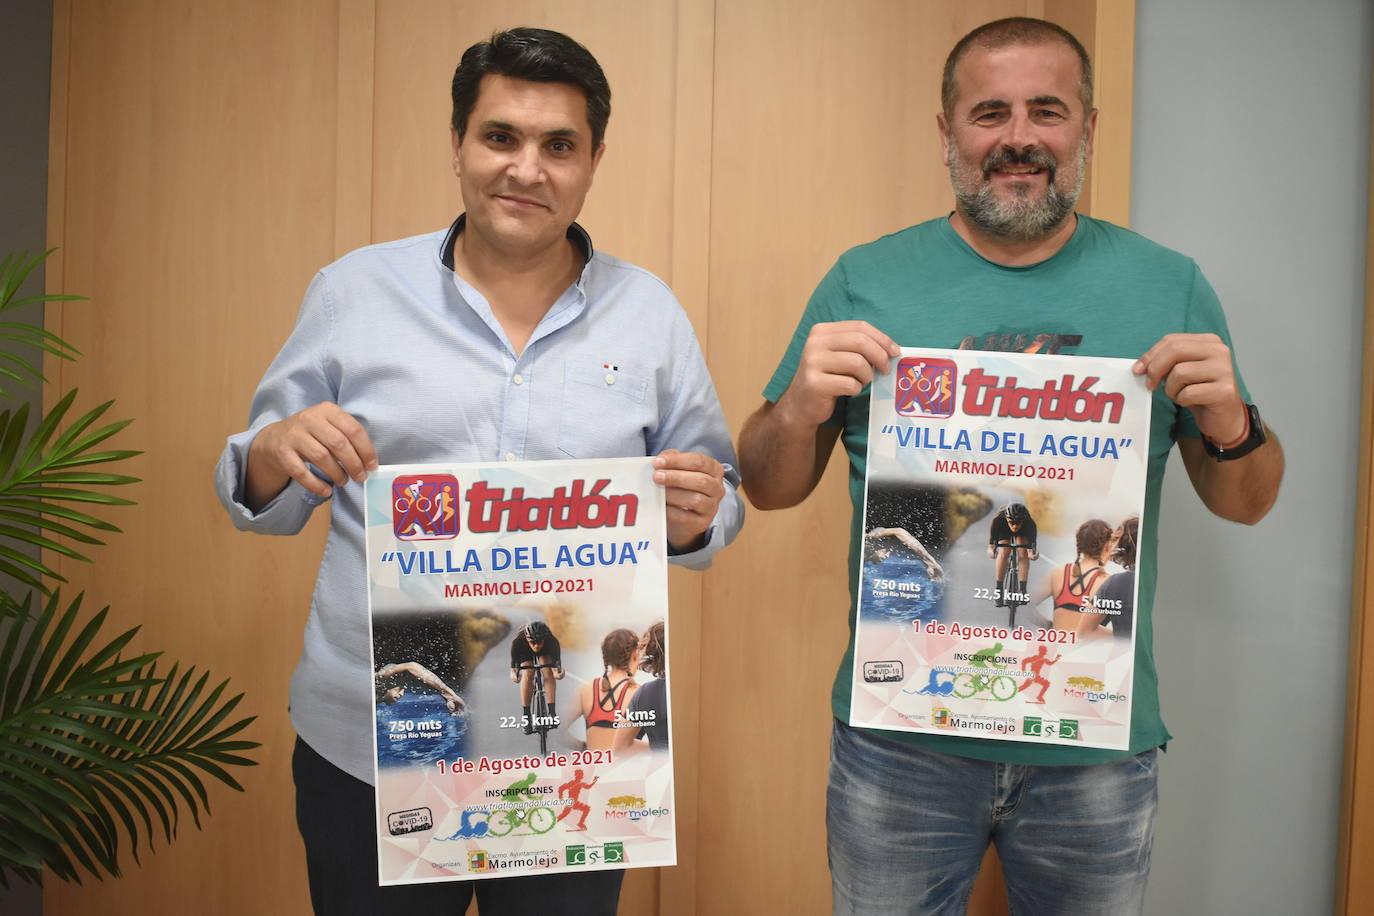 Marmolejo acogerá el domingo 1 de agosto el XI Triatlón «Villa del Agua» con éxito de participación